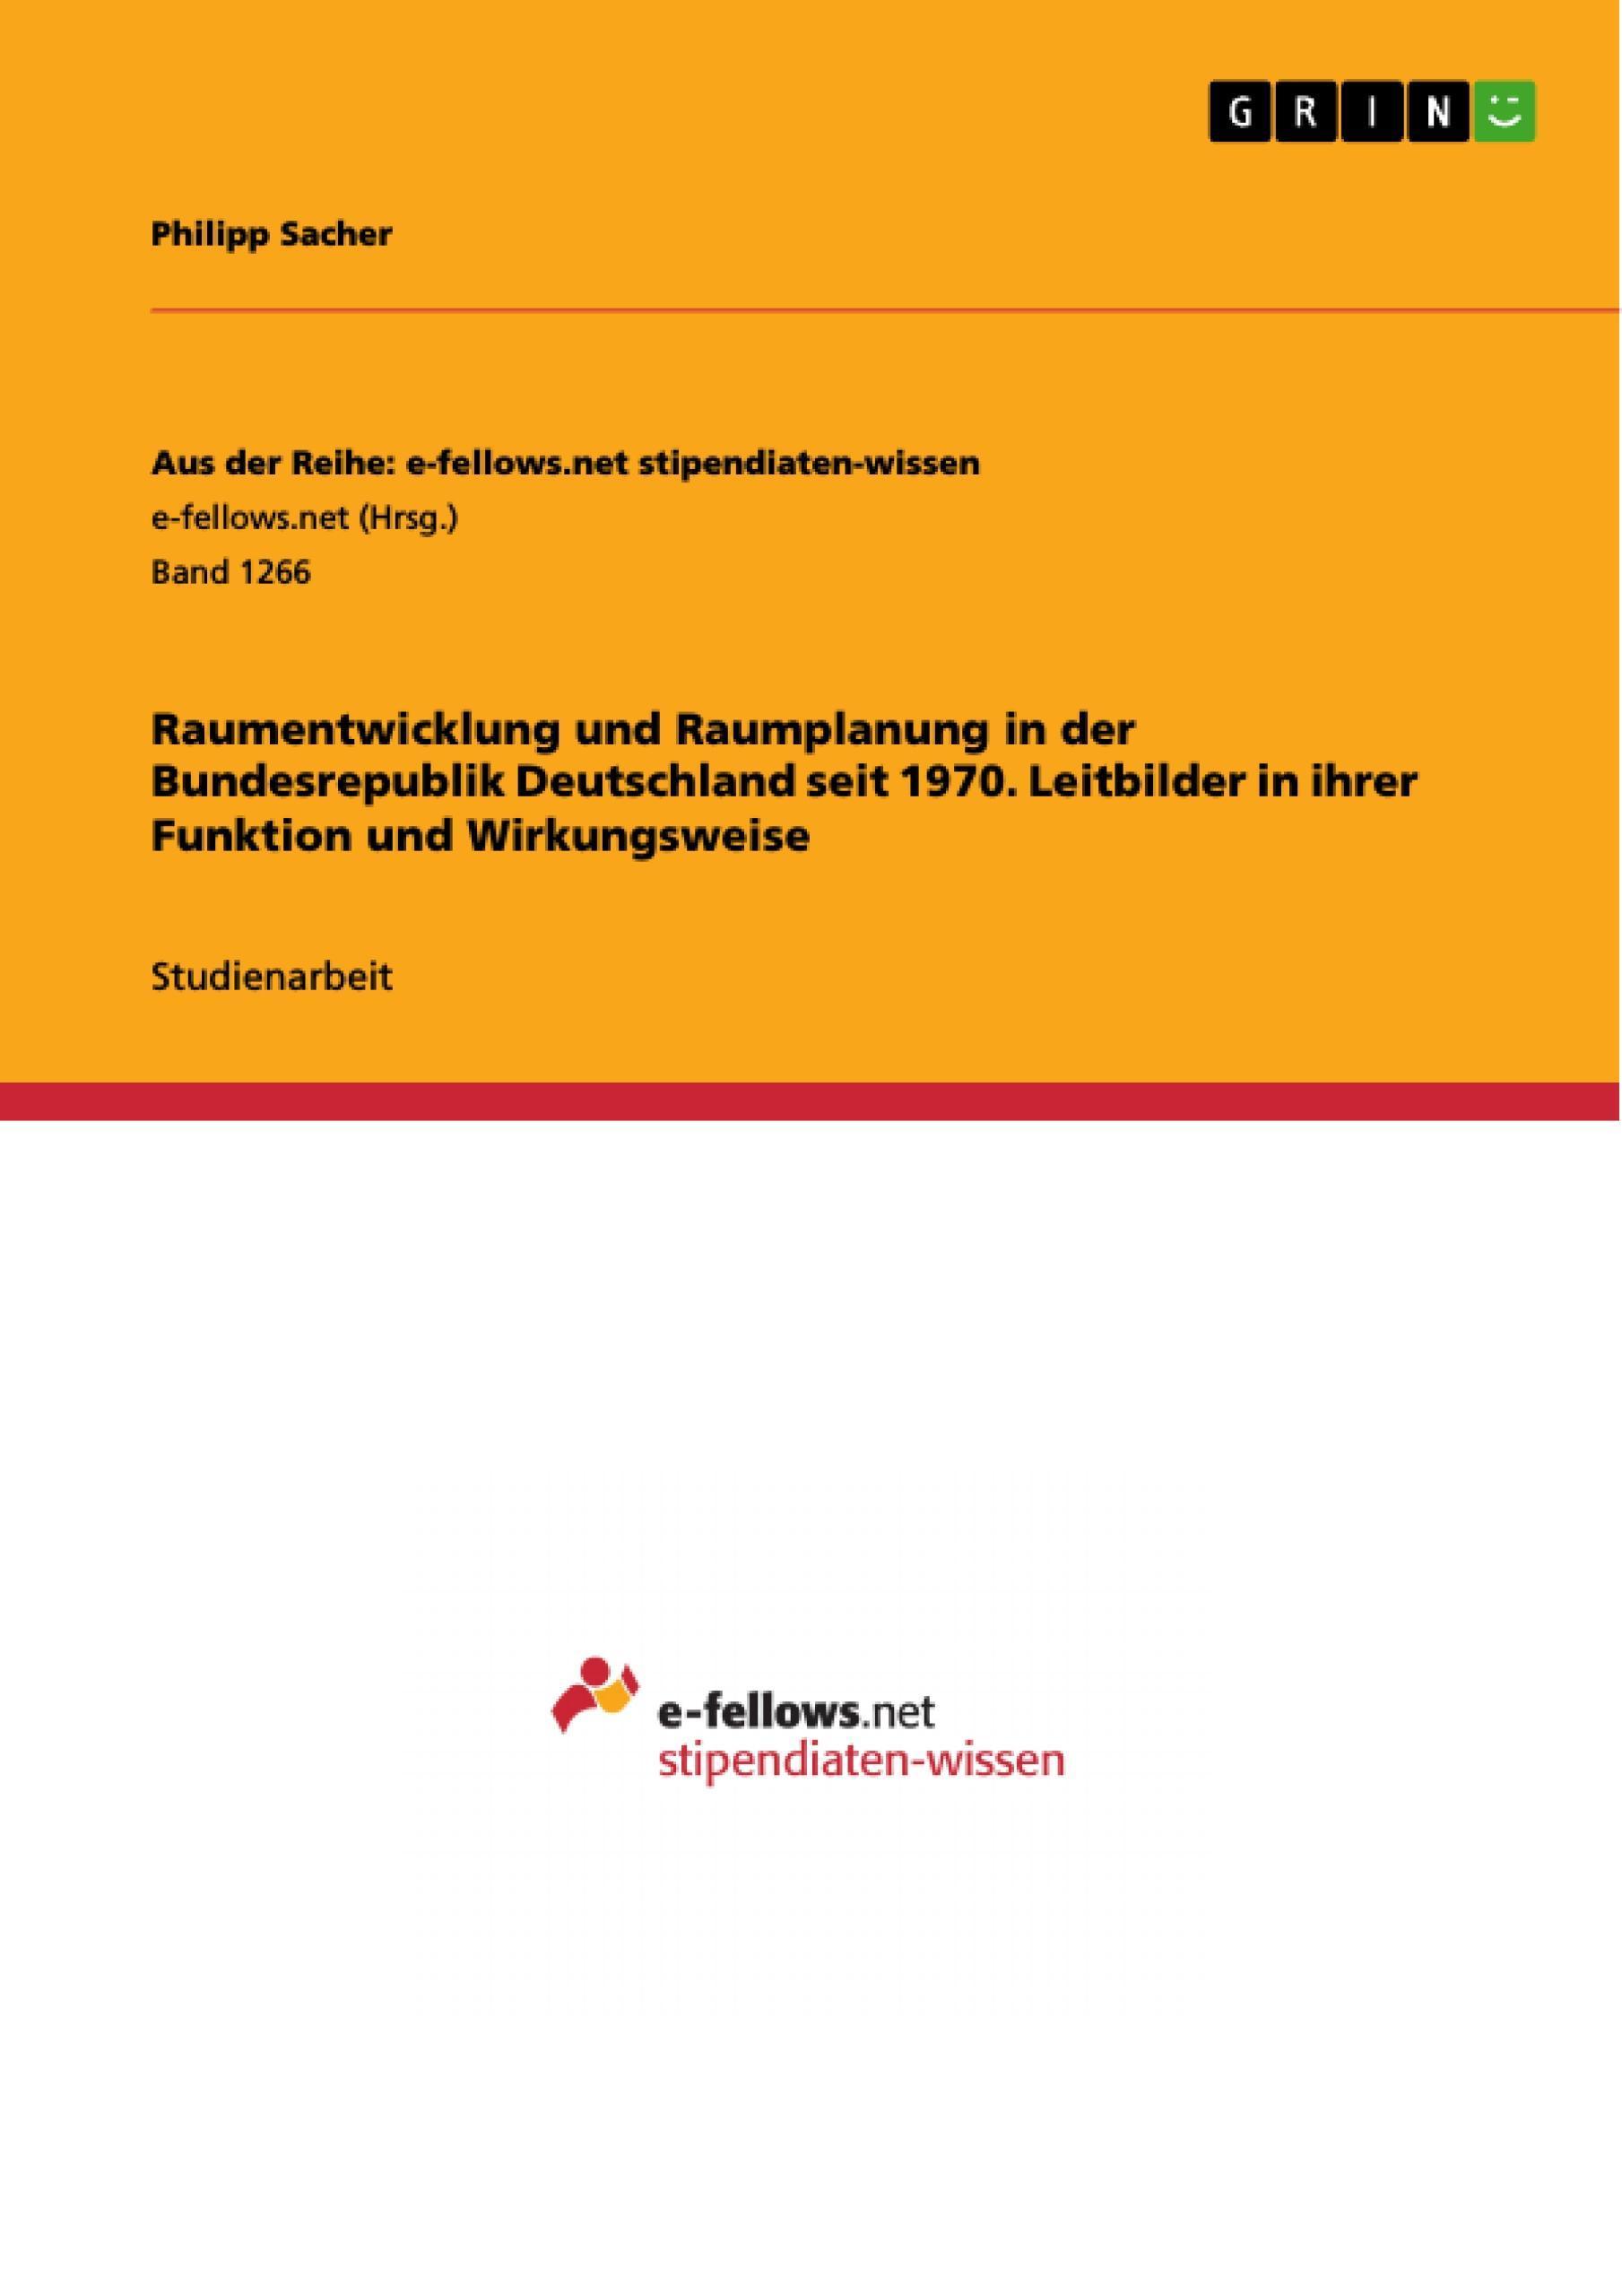 Raumentwicklung und Raumplanung in der Bundesrepublik Deutschland seit 1970 ...